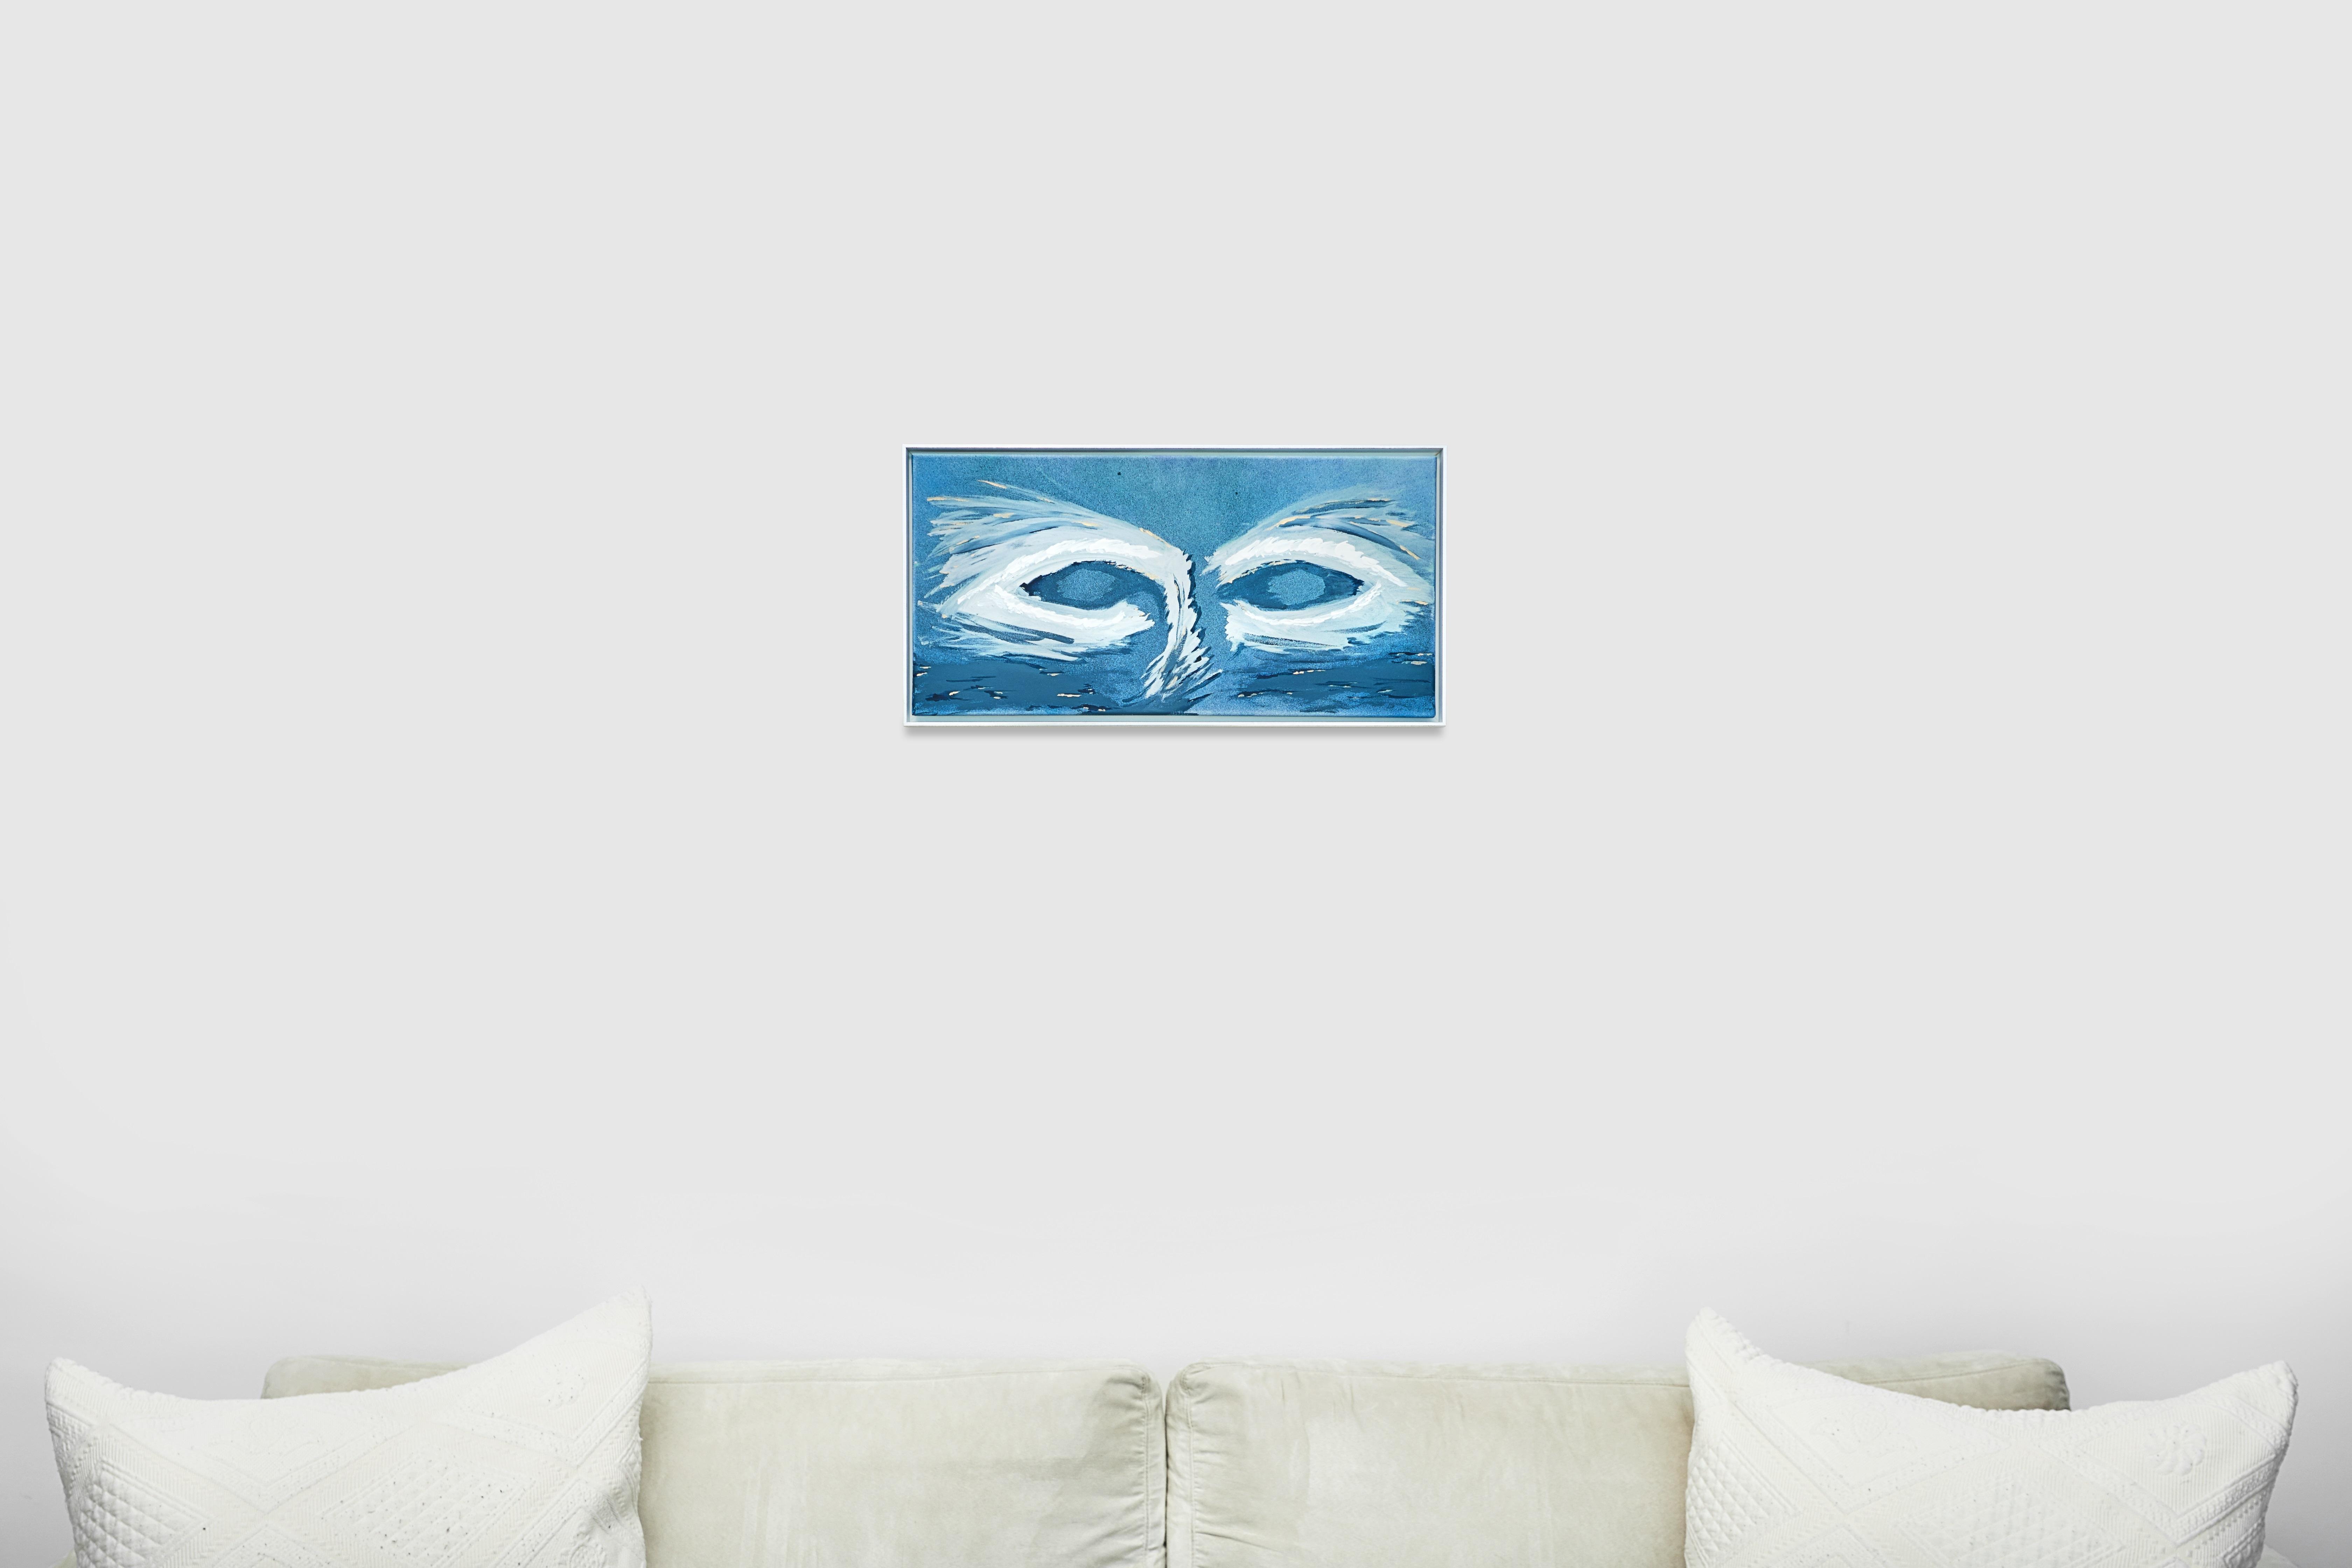 SoulArtist Kunstwerk Gemälde Bild Seele